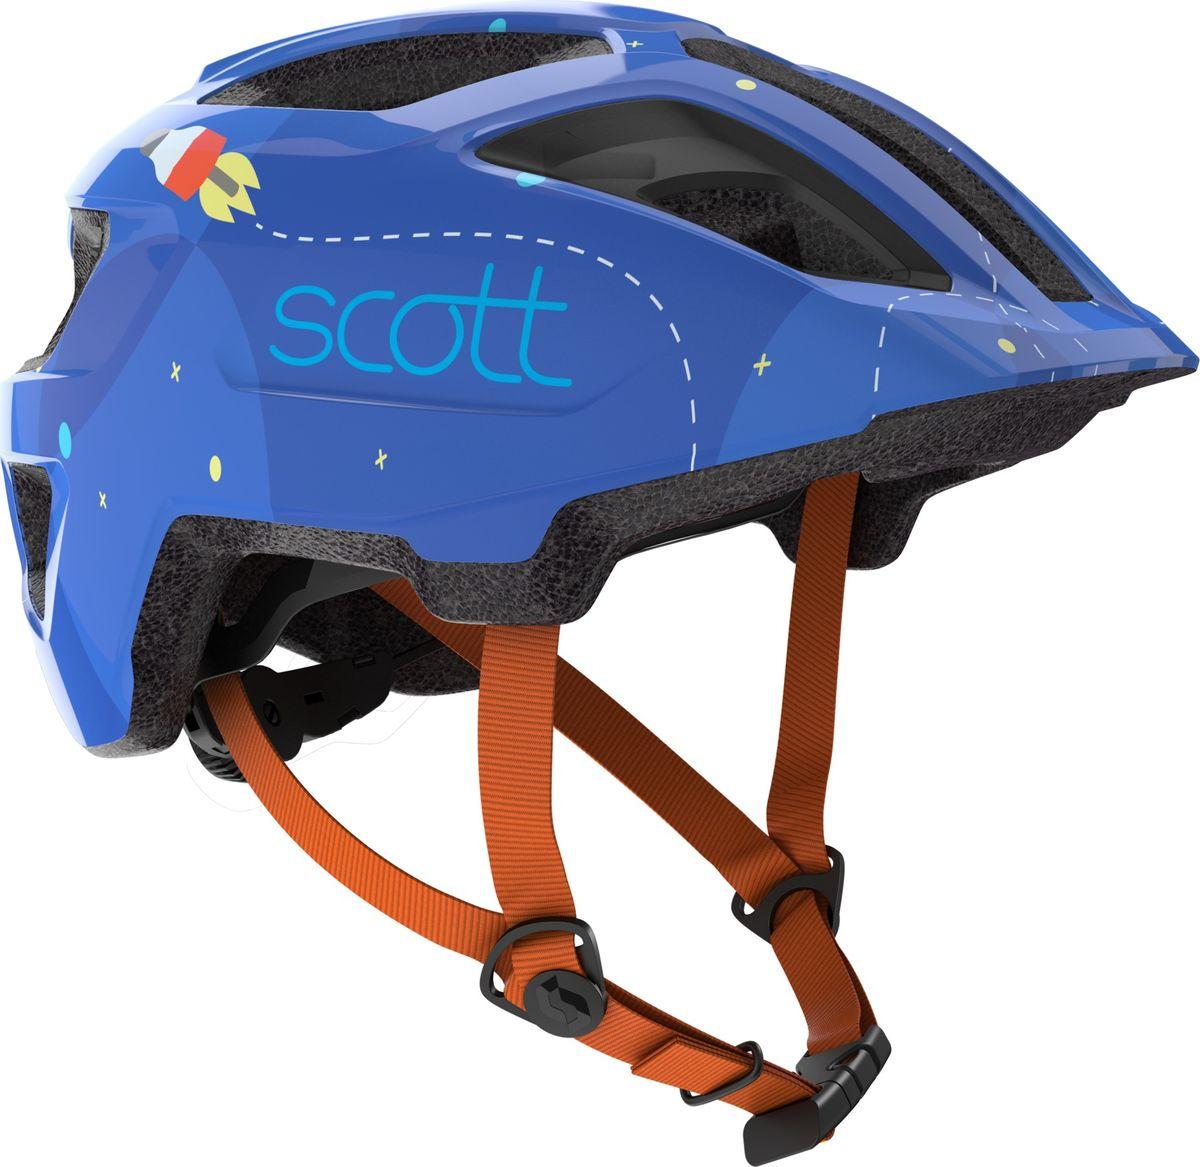 все цены на Шлем защитный Scott Spunto Kid, 270115-1454, оранжевый онлайн